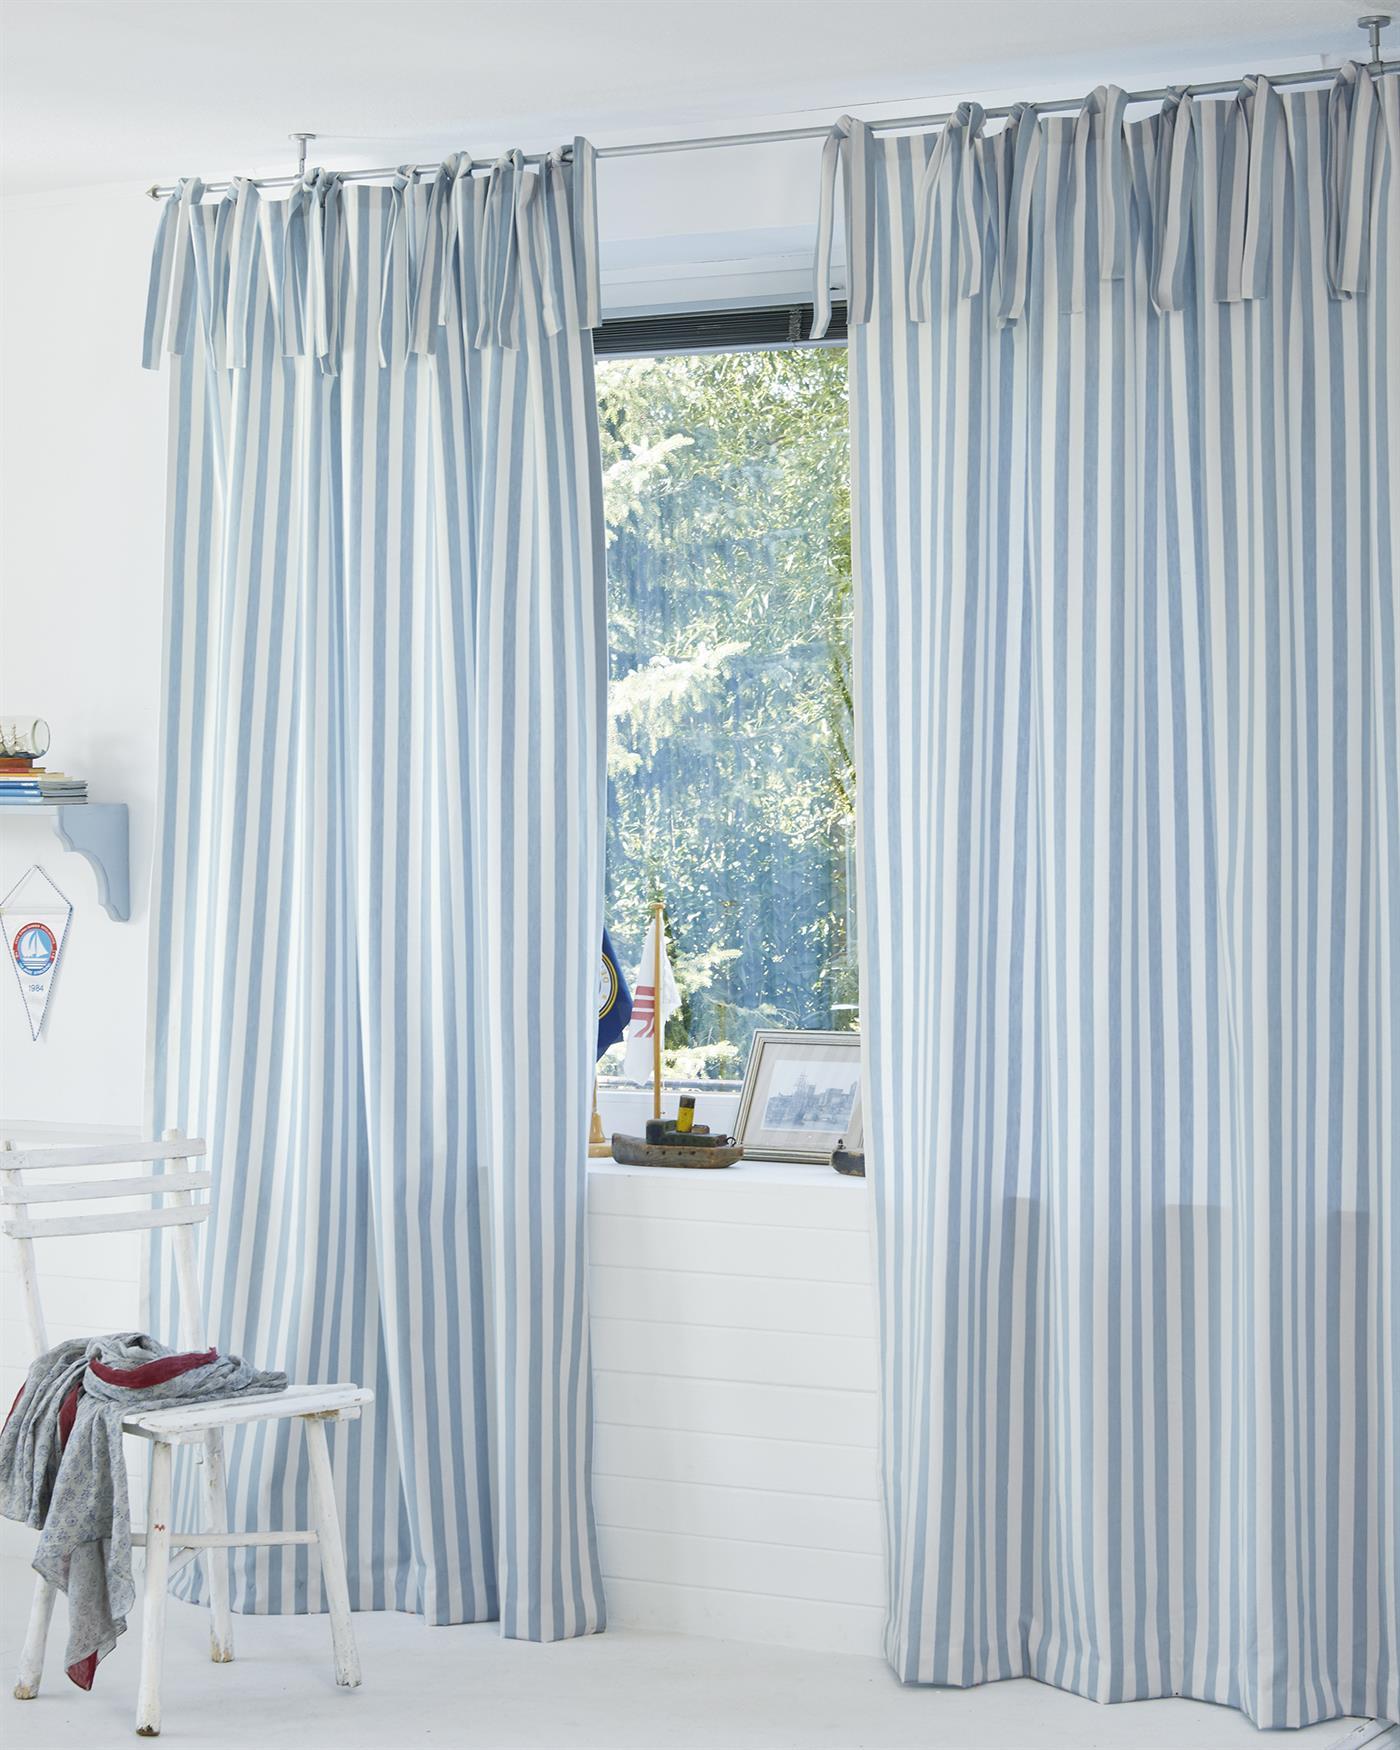 Full Size of Vorhänge Vorhang Maritim Wohnzimmer Küche Schlafzimmer Wohnzimmer Vorhänge